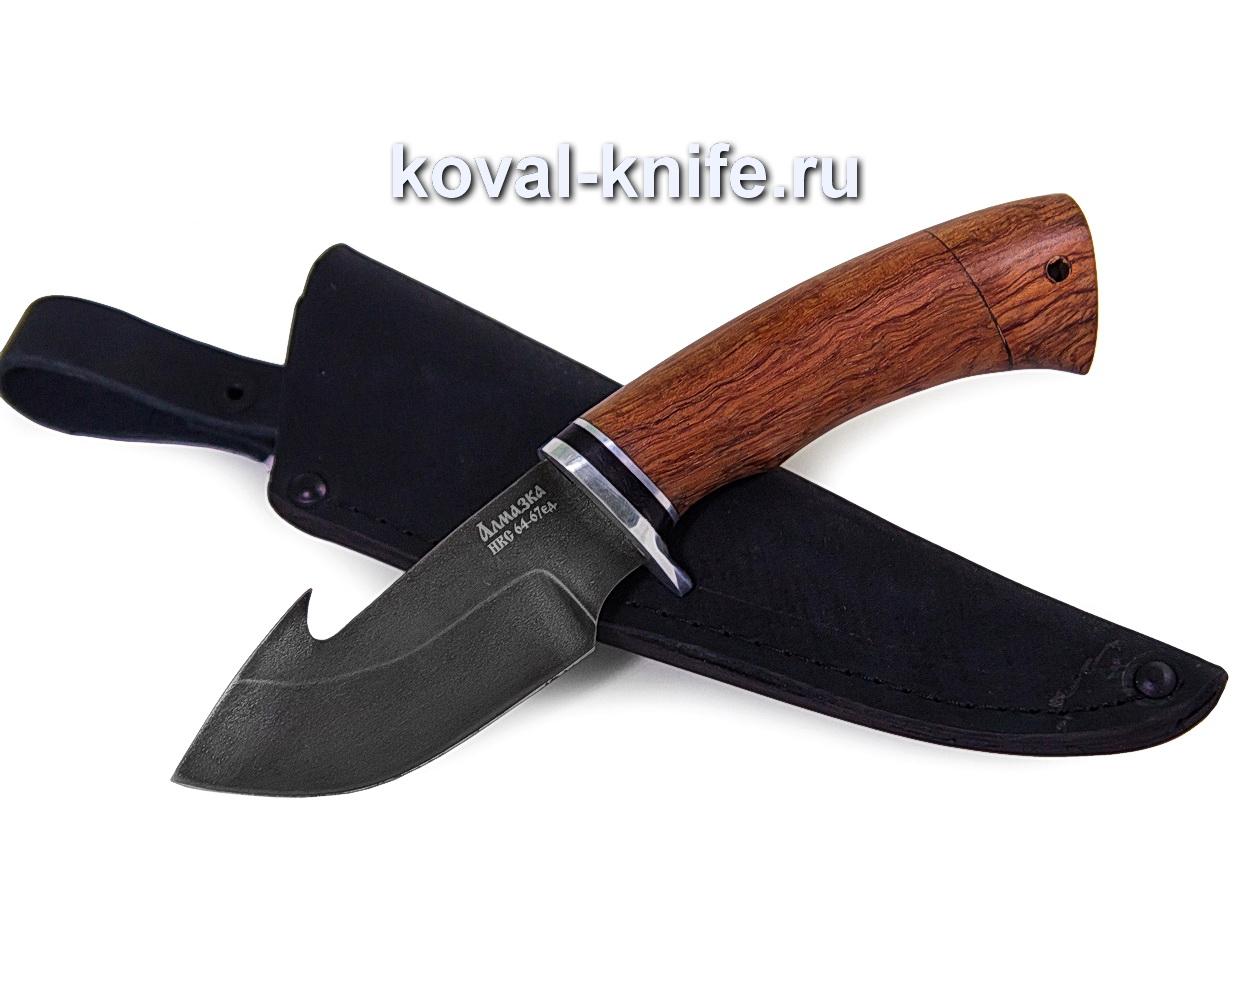 Нож из алмазной стали Стропорез (хв5, рукоять орех) A336